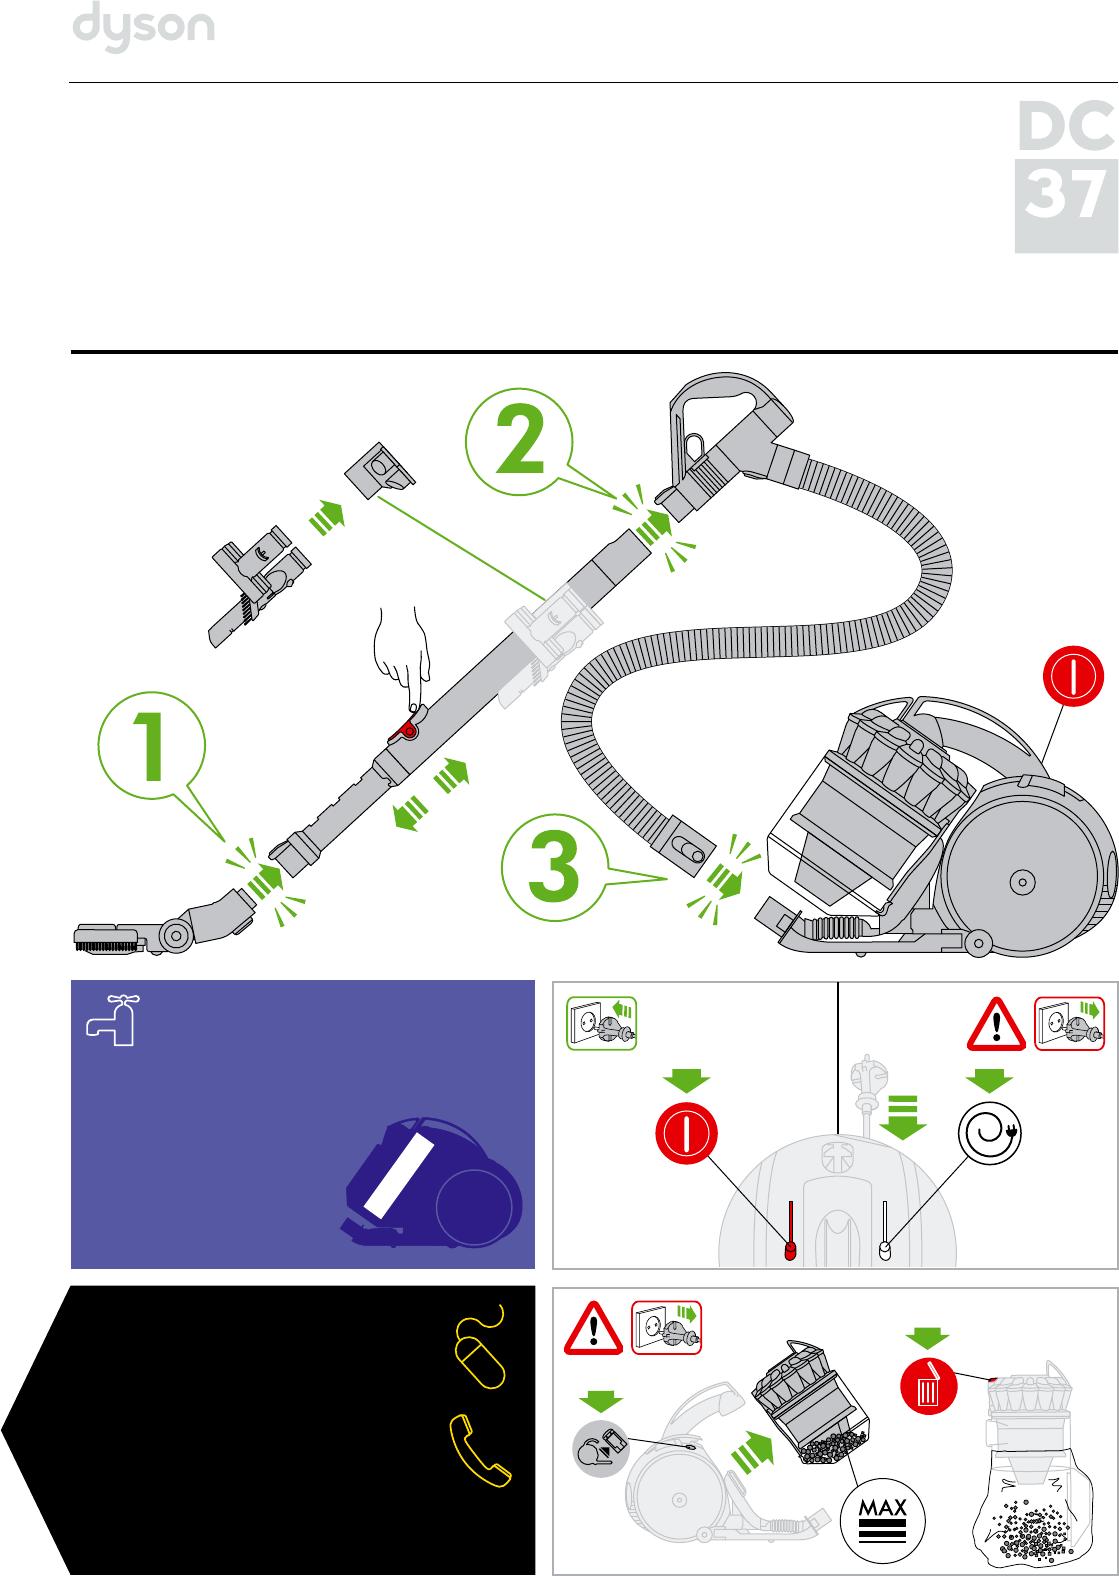 Инструкции дайсон dc 28 dyson